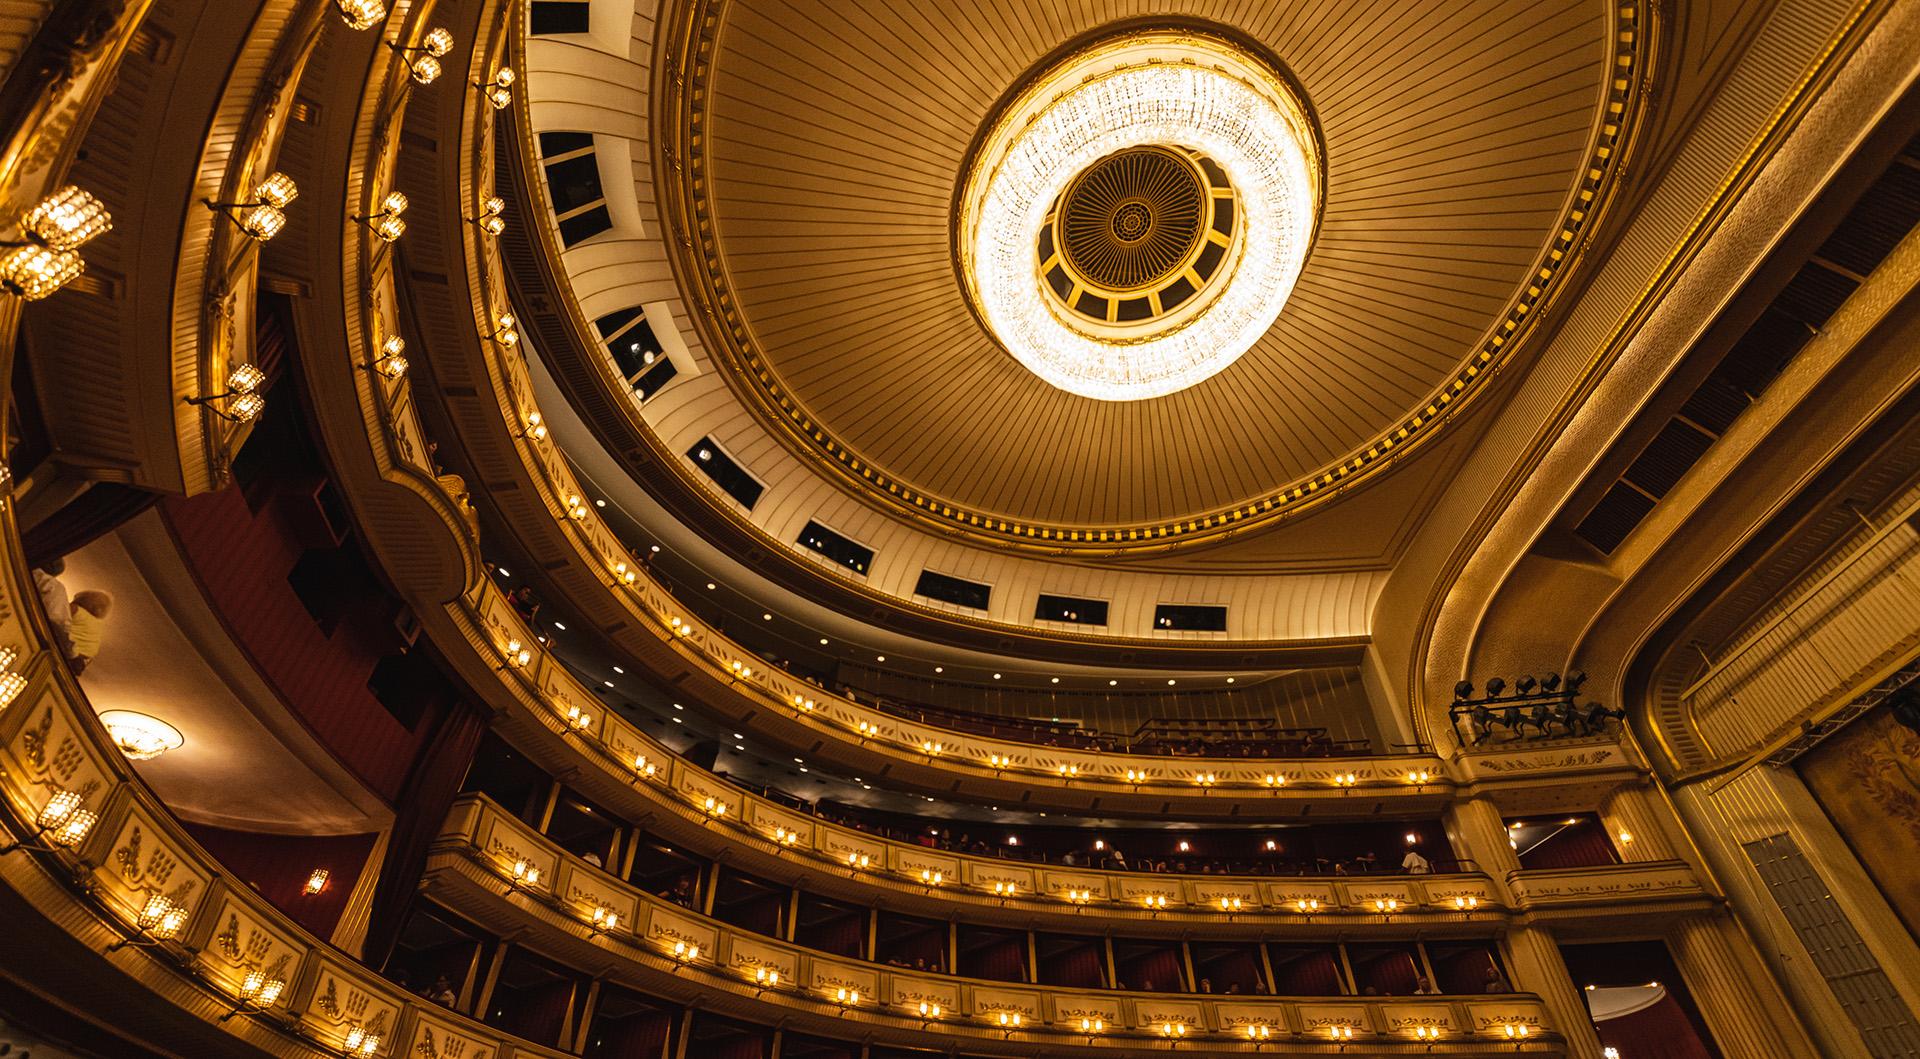 Logge e illuminazione a soffitto dell'Opera di Stato di Vienna